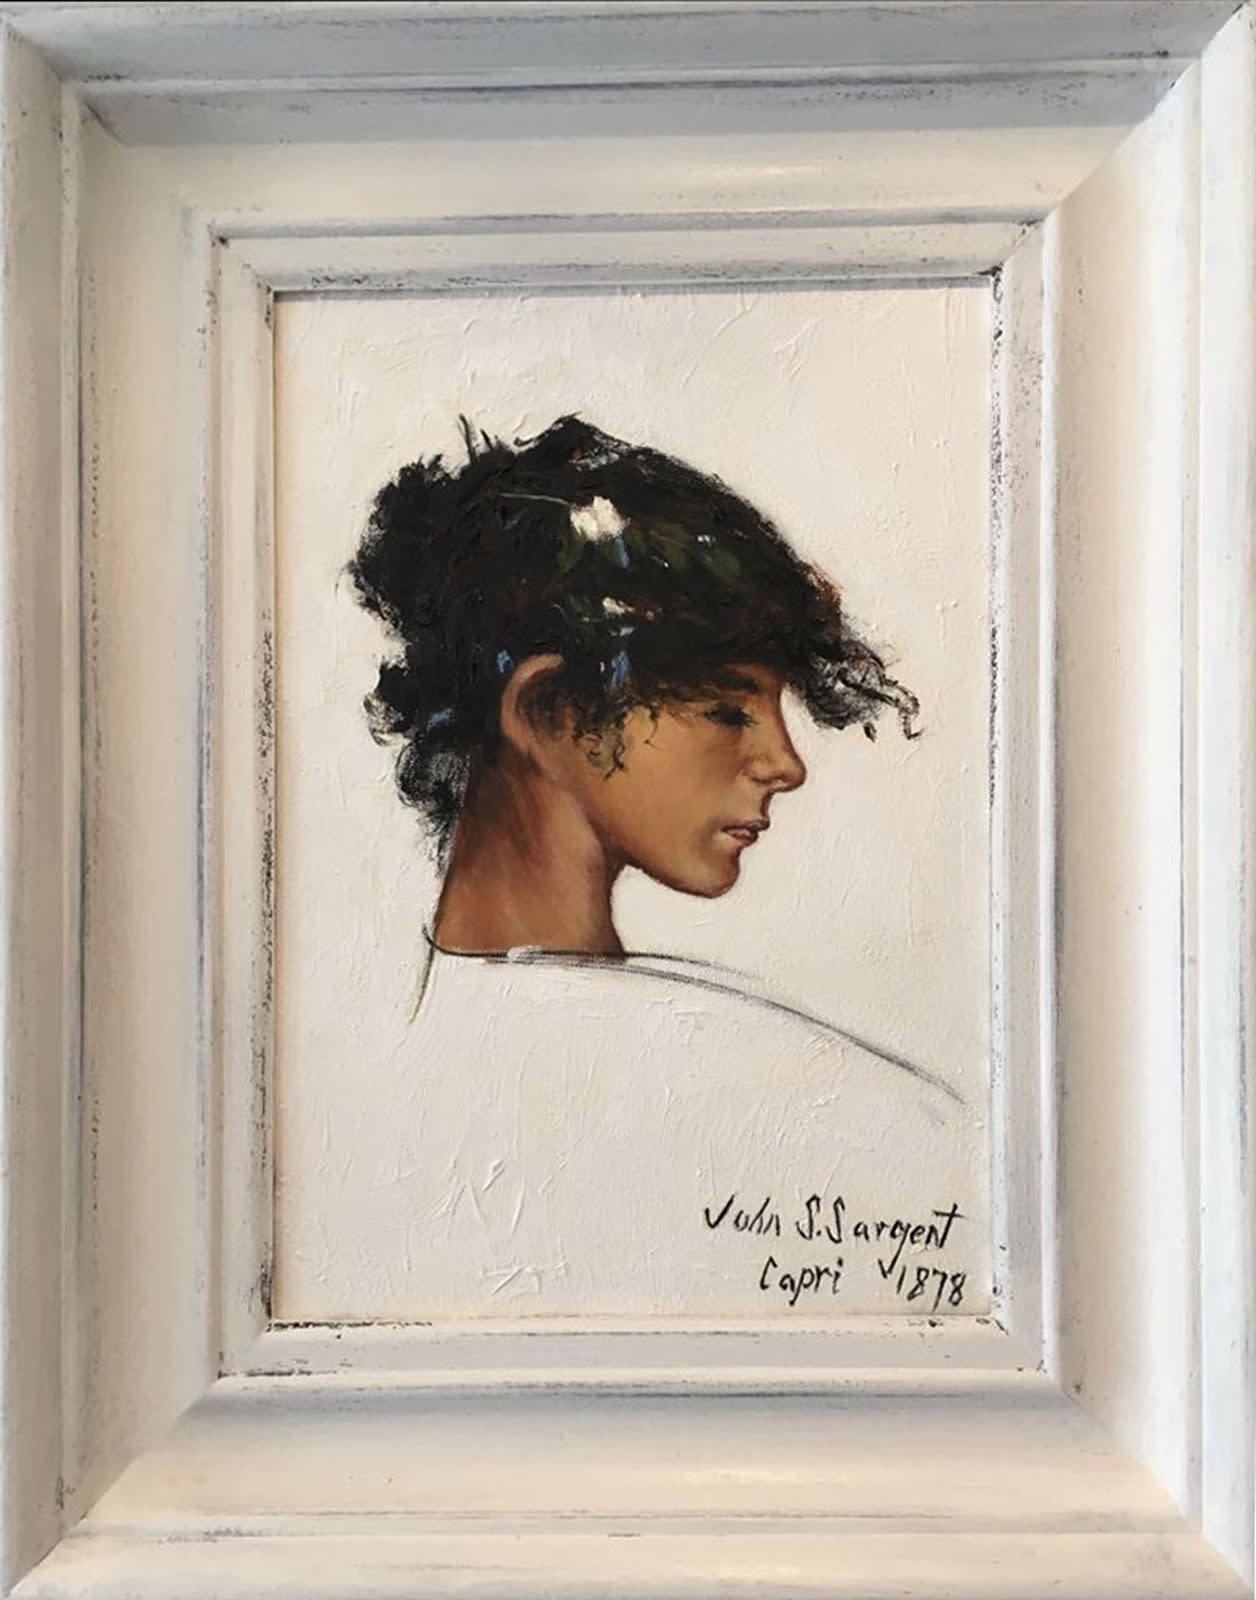 Capri Girl, 1878 after John Singer Sargent